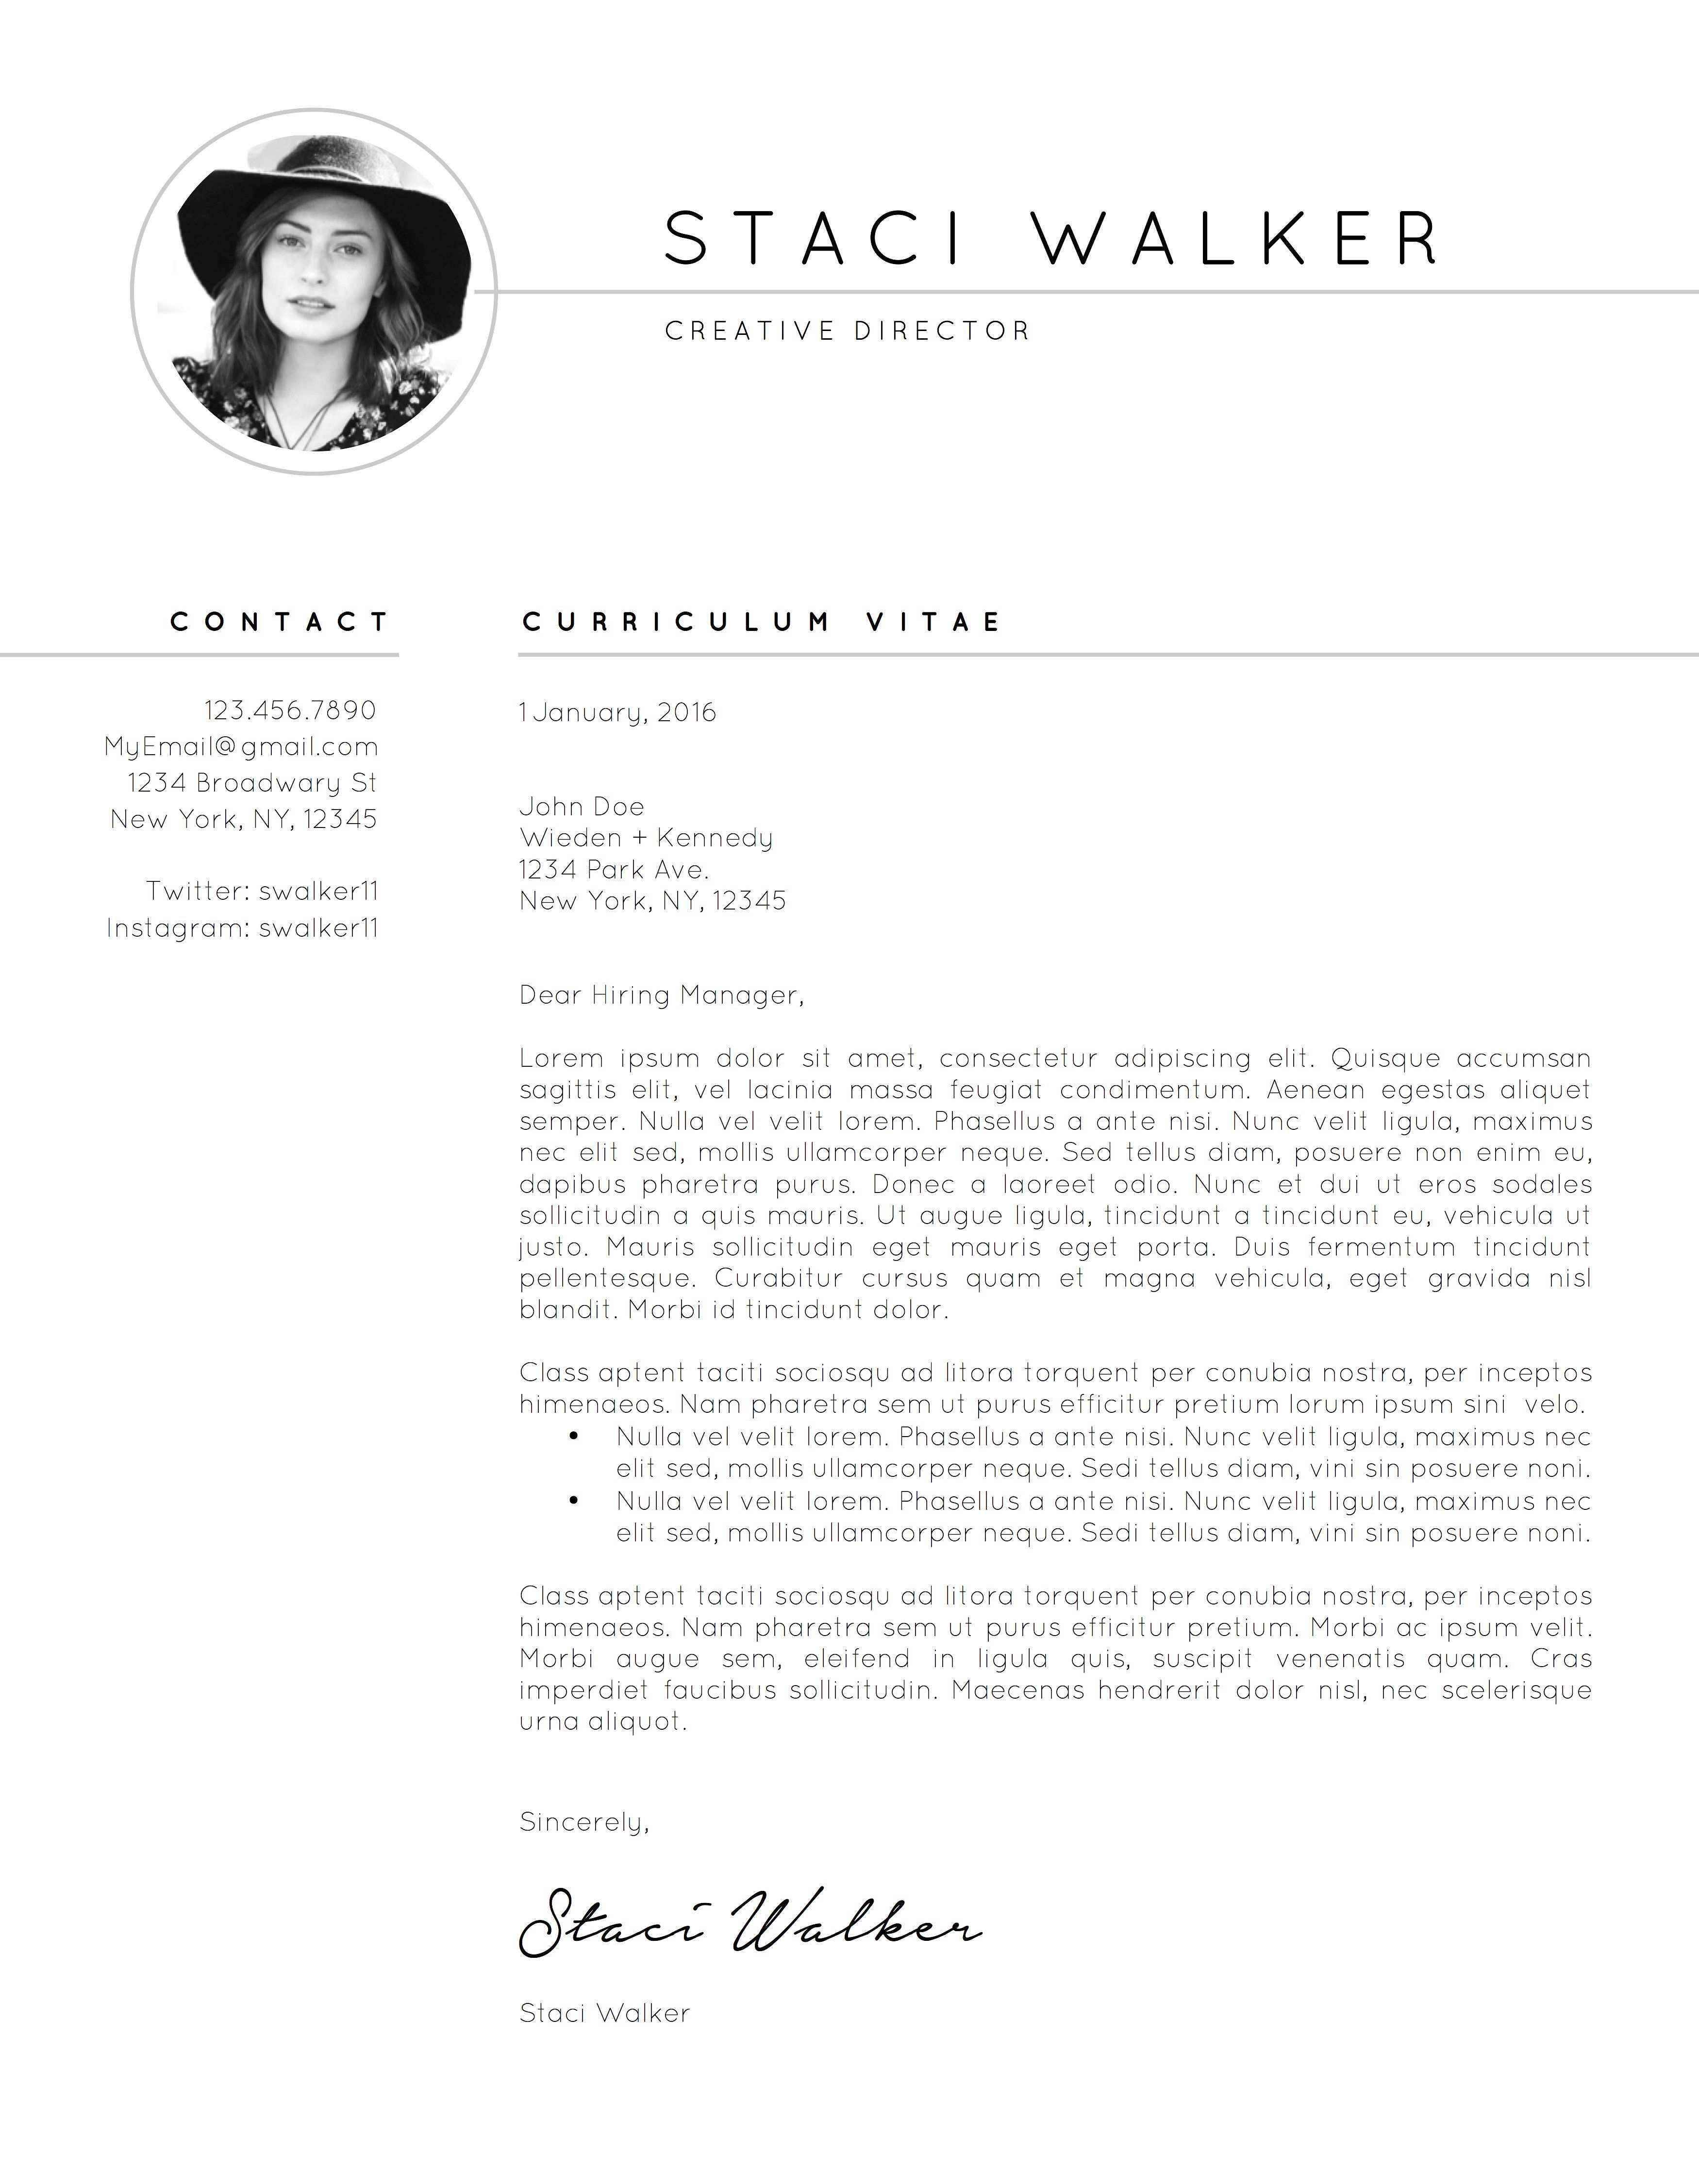 Auftragsbestaetigung Per Email Muster